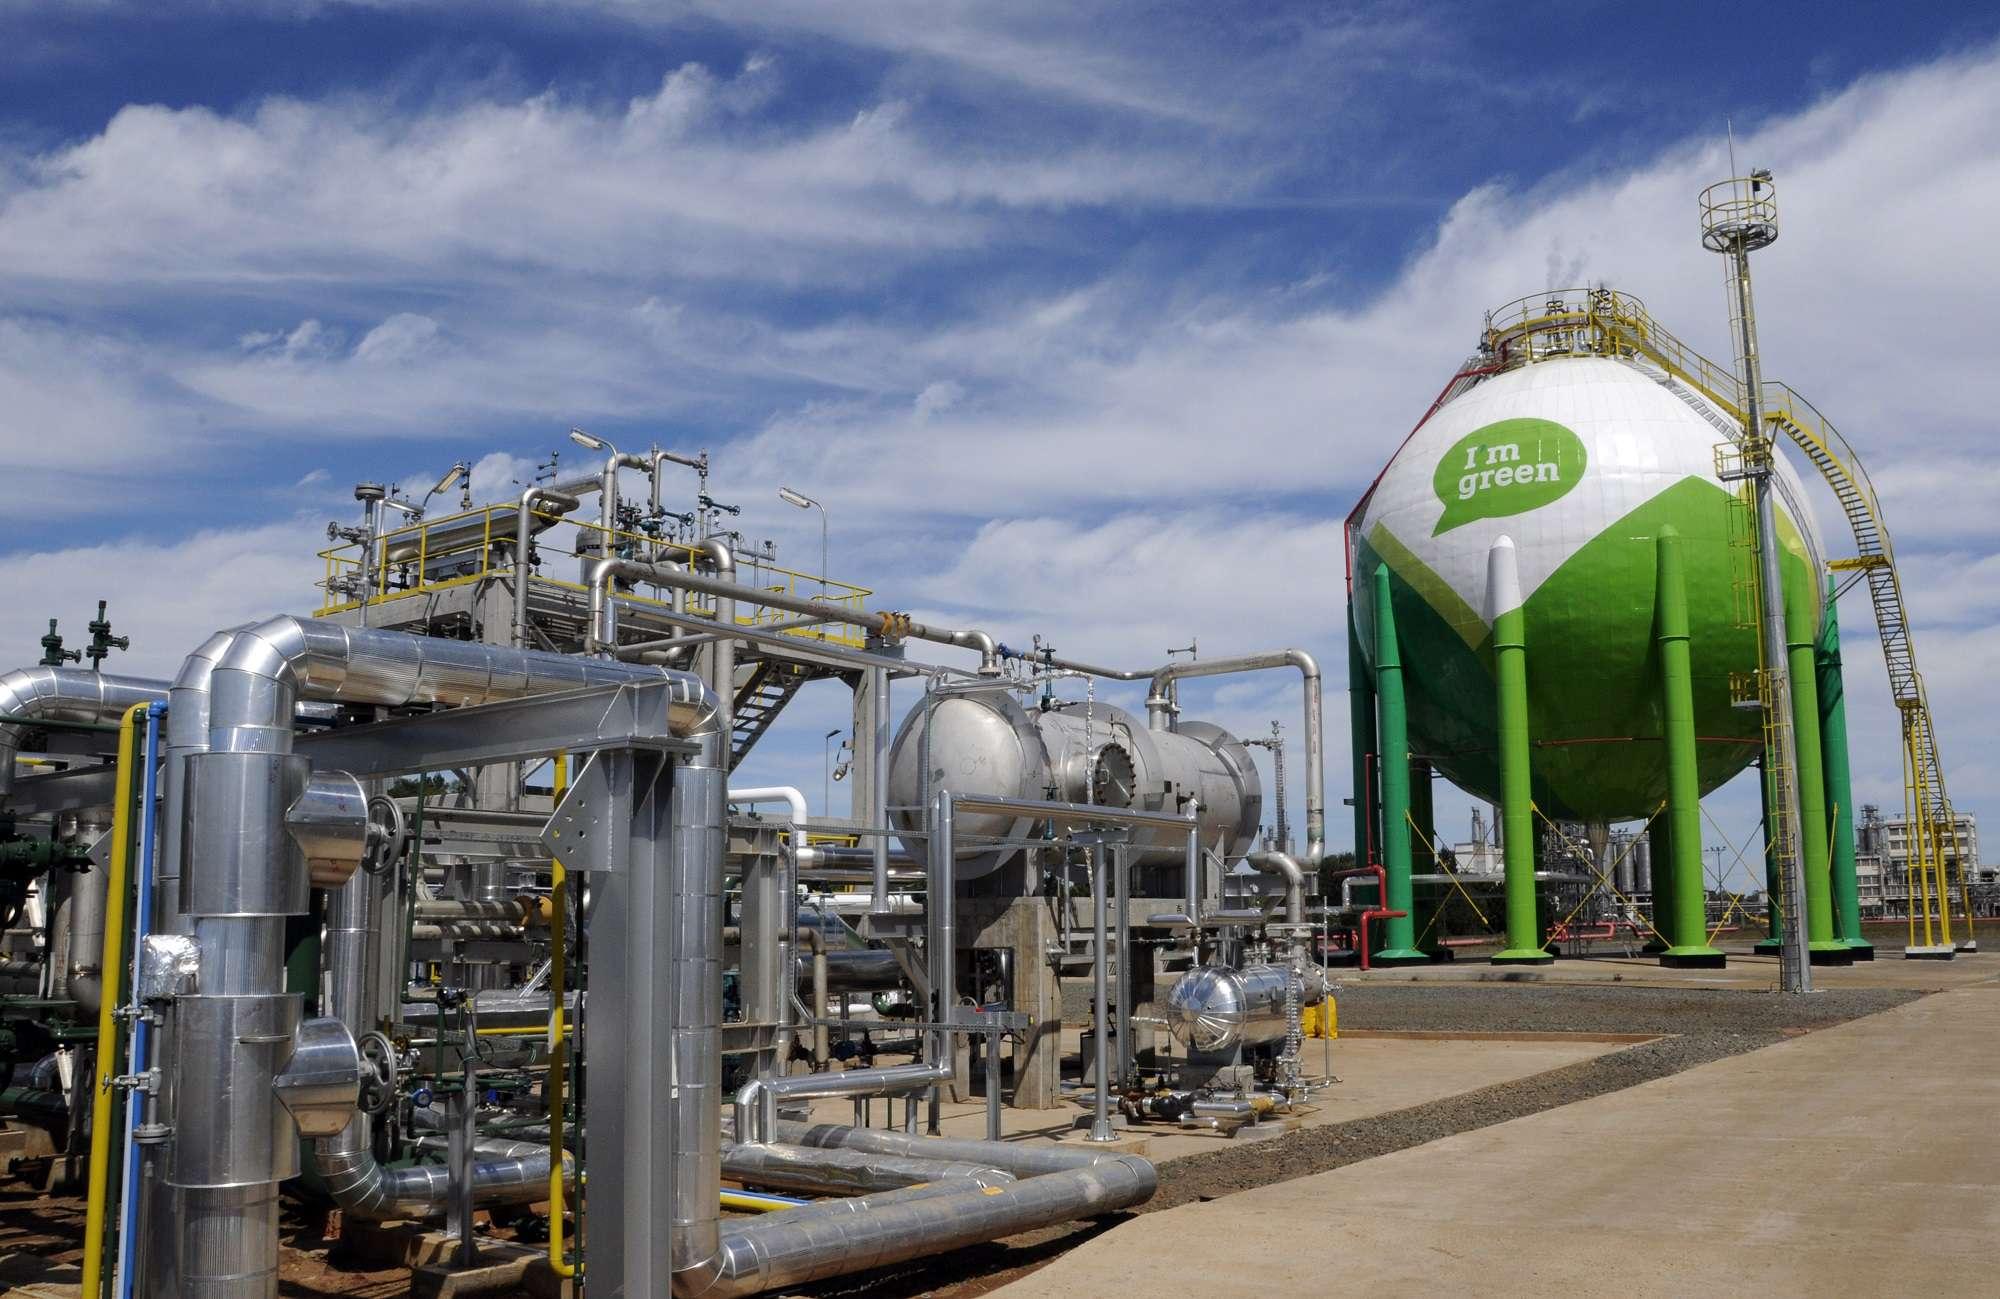 BRASKEM Planta de Eteno Verde - Triunfo RS Foto: Mathias Cramer/temporealfoto.com